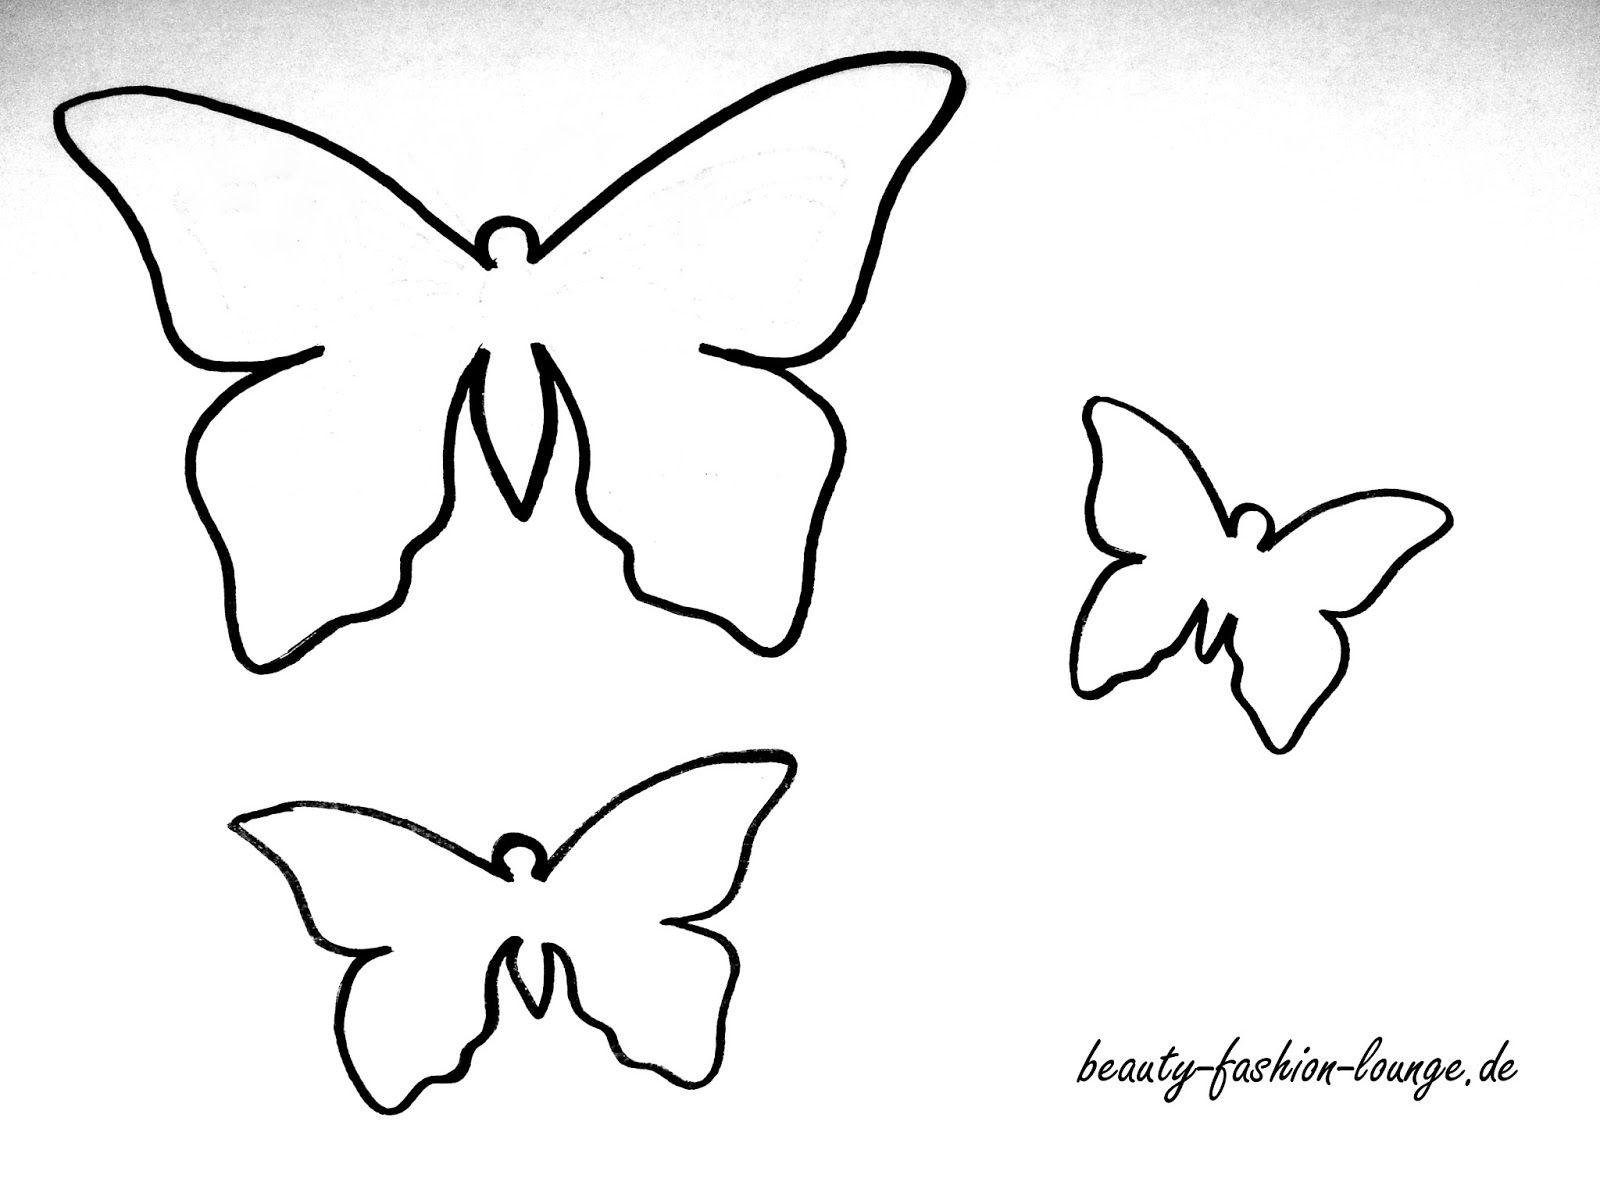 Schmetterling vorlage Malvorlagen Malvorlage schmetterling